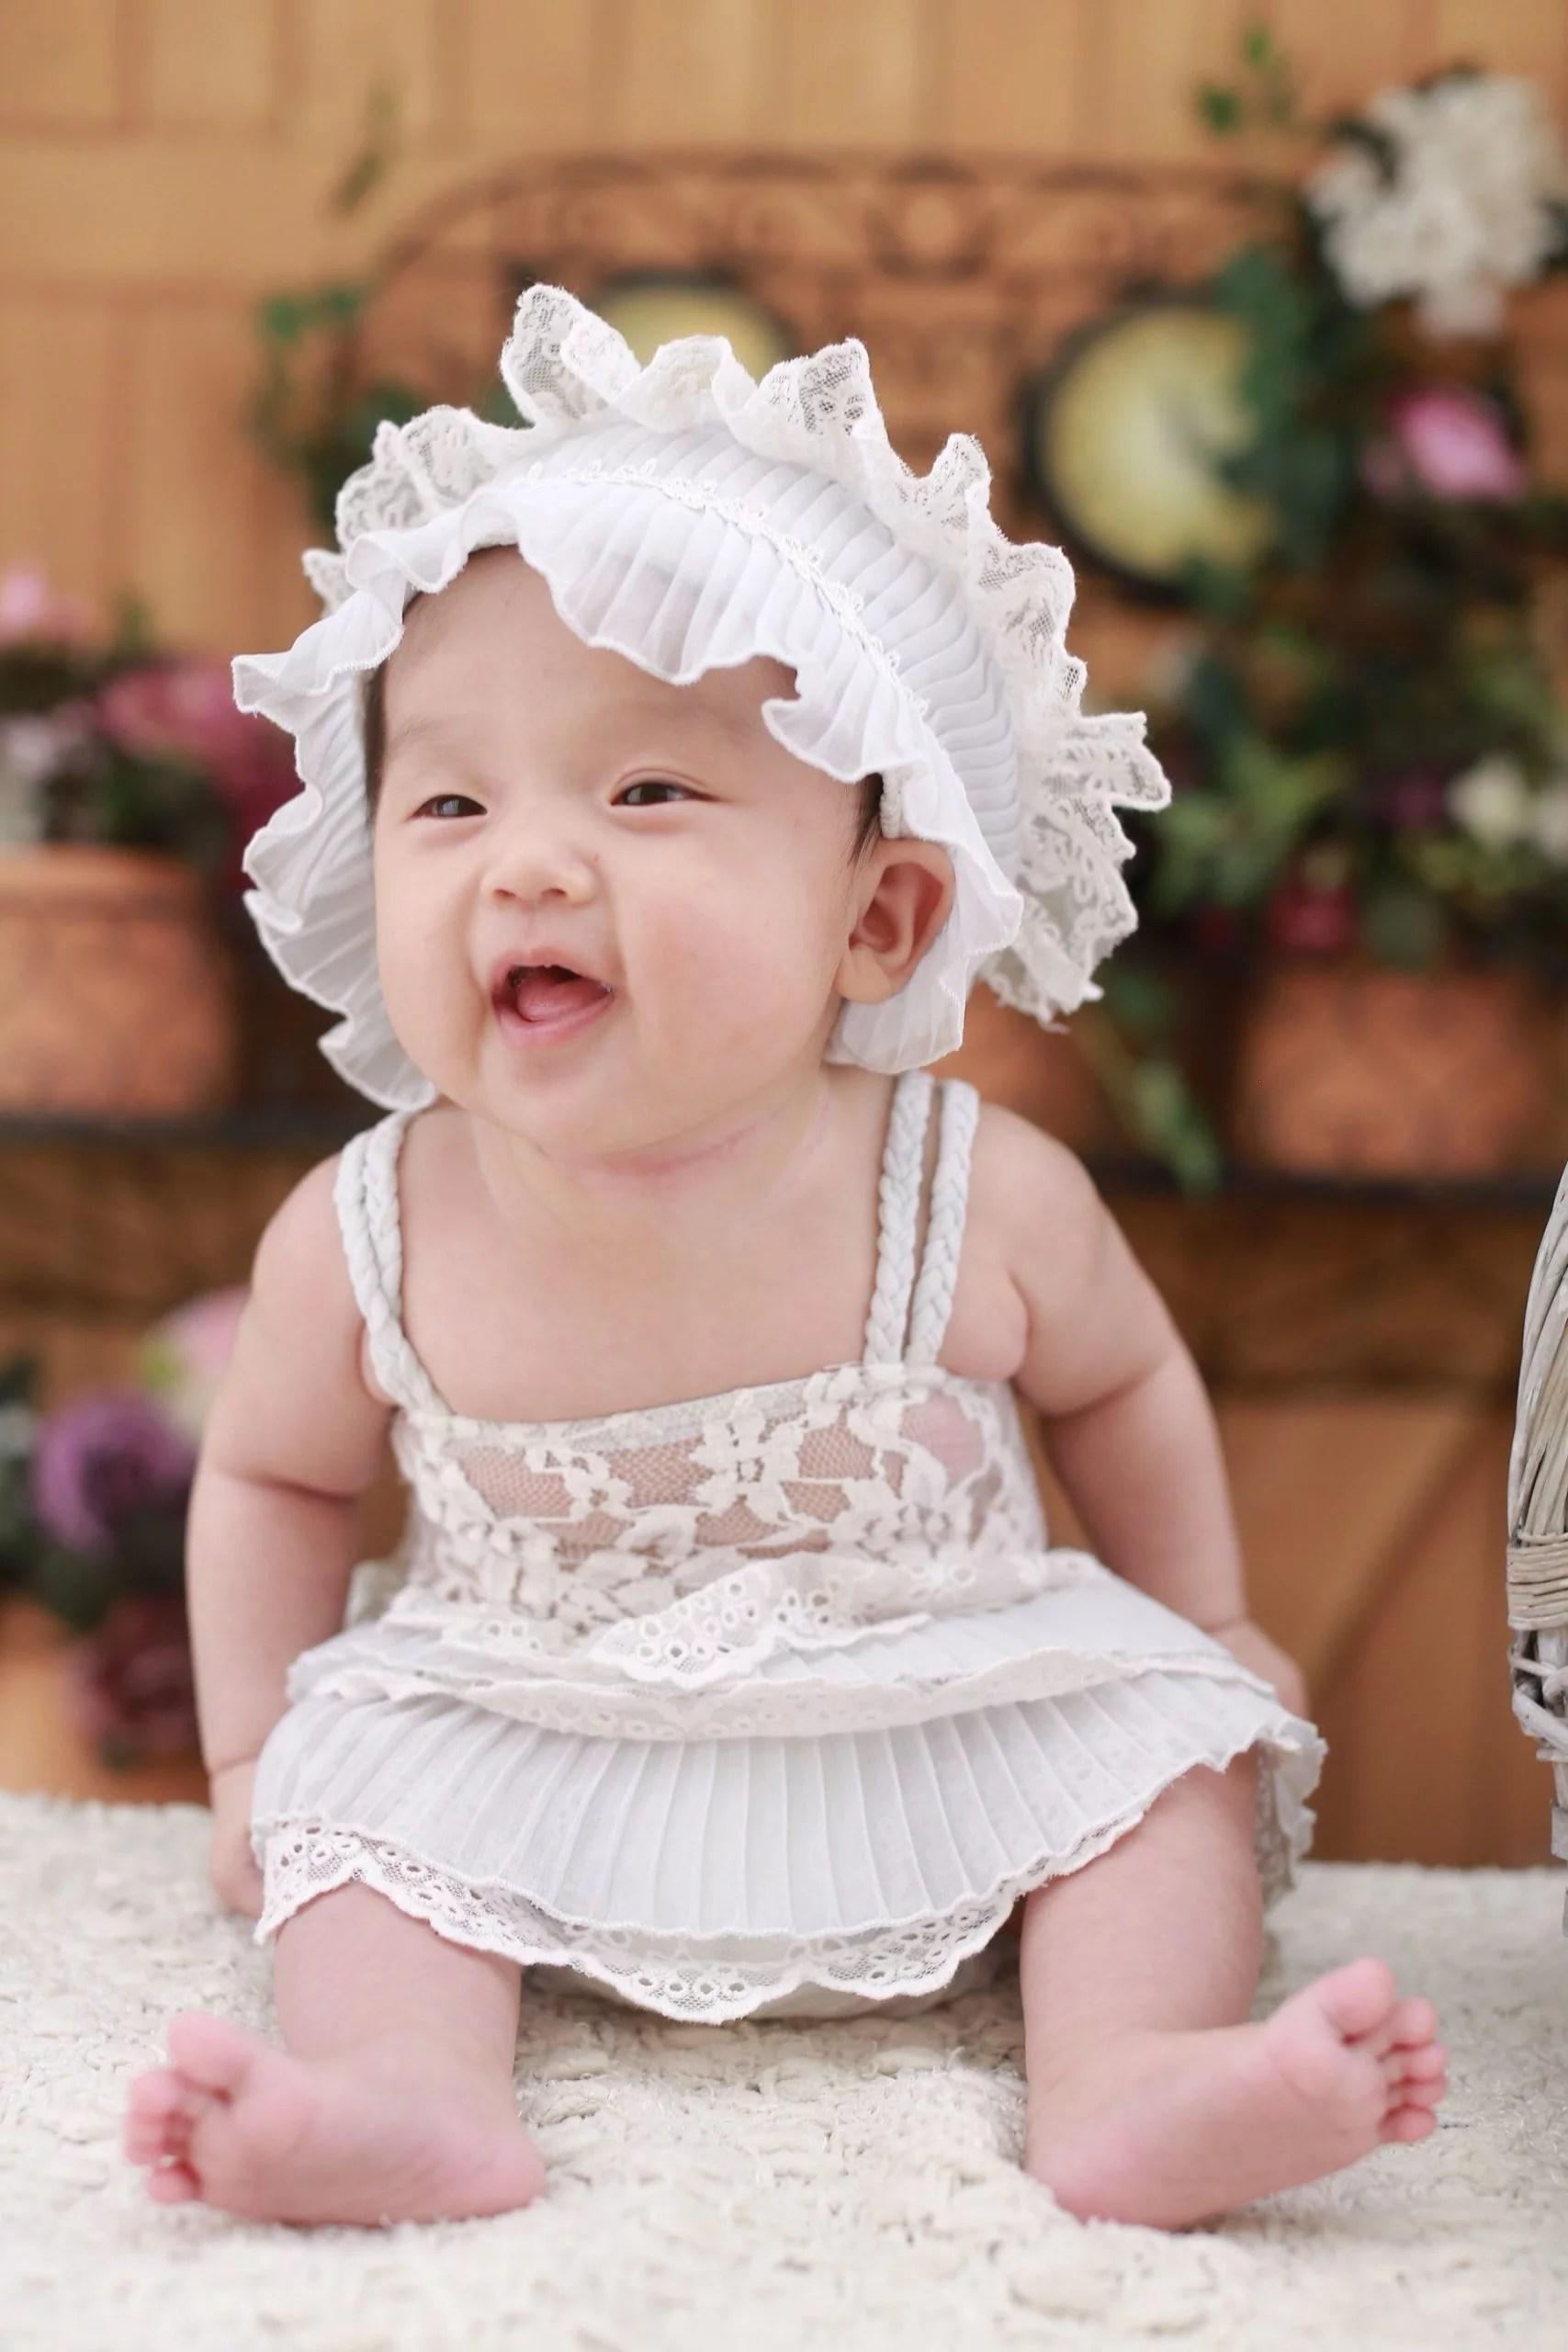 """Bébé fille asisatique habillée avec une robe blanche, représentant le deuxième module """"Le corps de naissance d'une Femme"""" proposé dans le stage de la saison des femmes par Le Goût des Cerises à Saint-Pierre-des-Corps."""